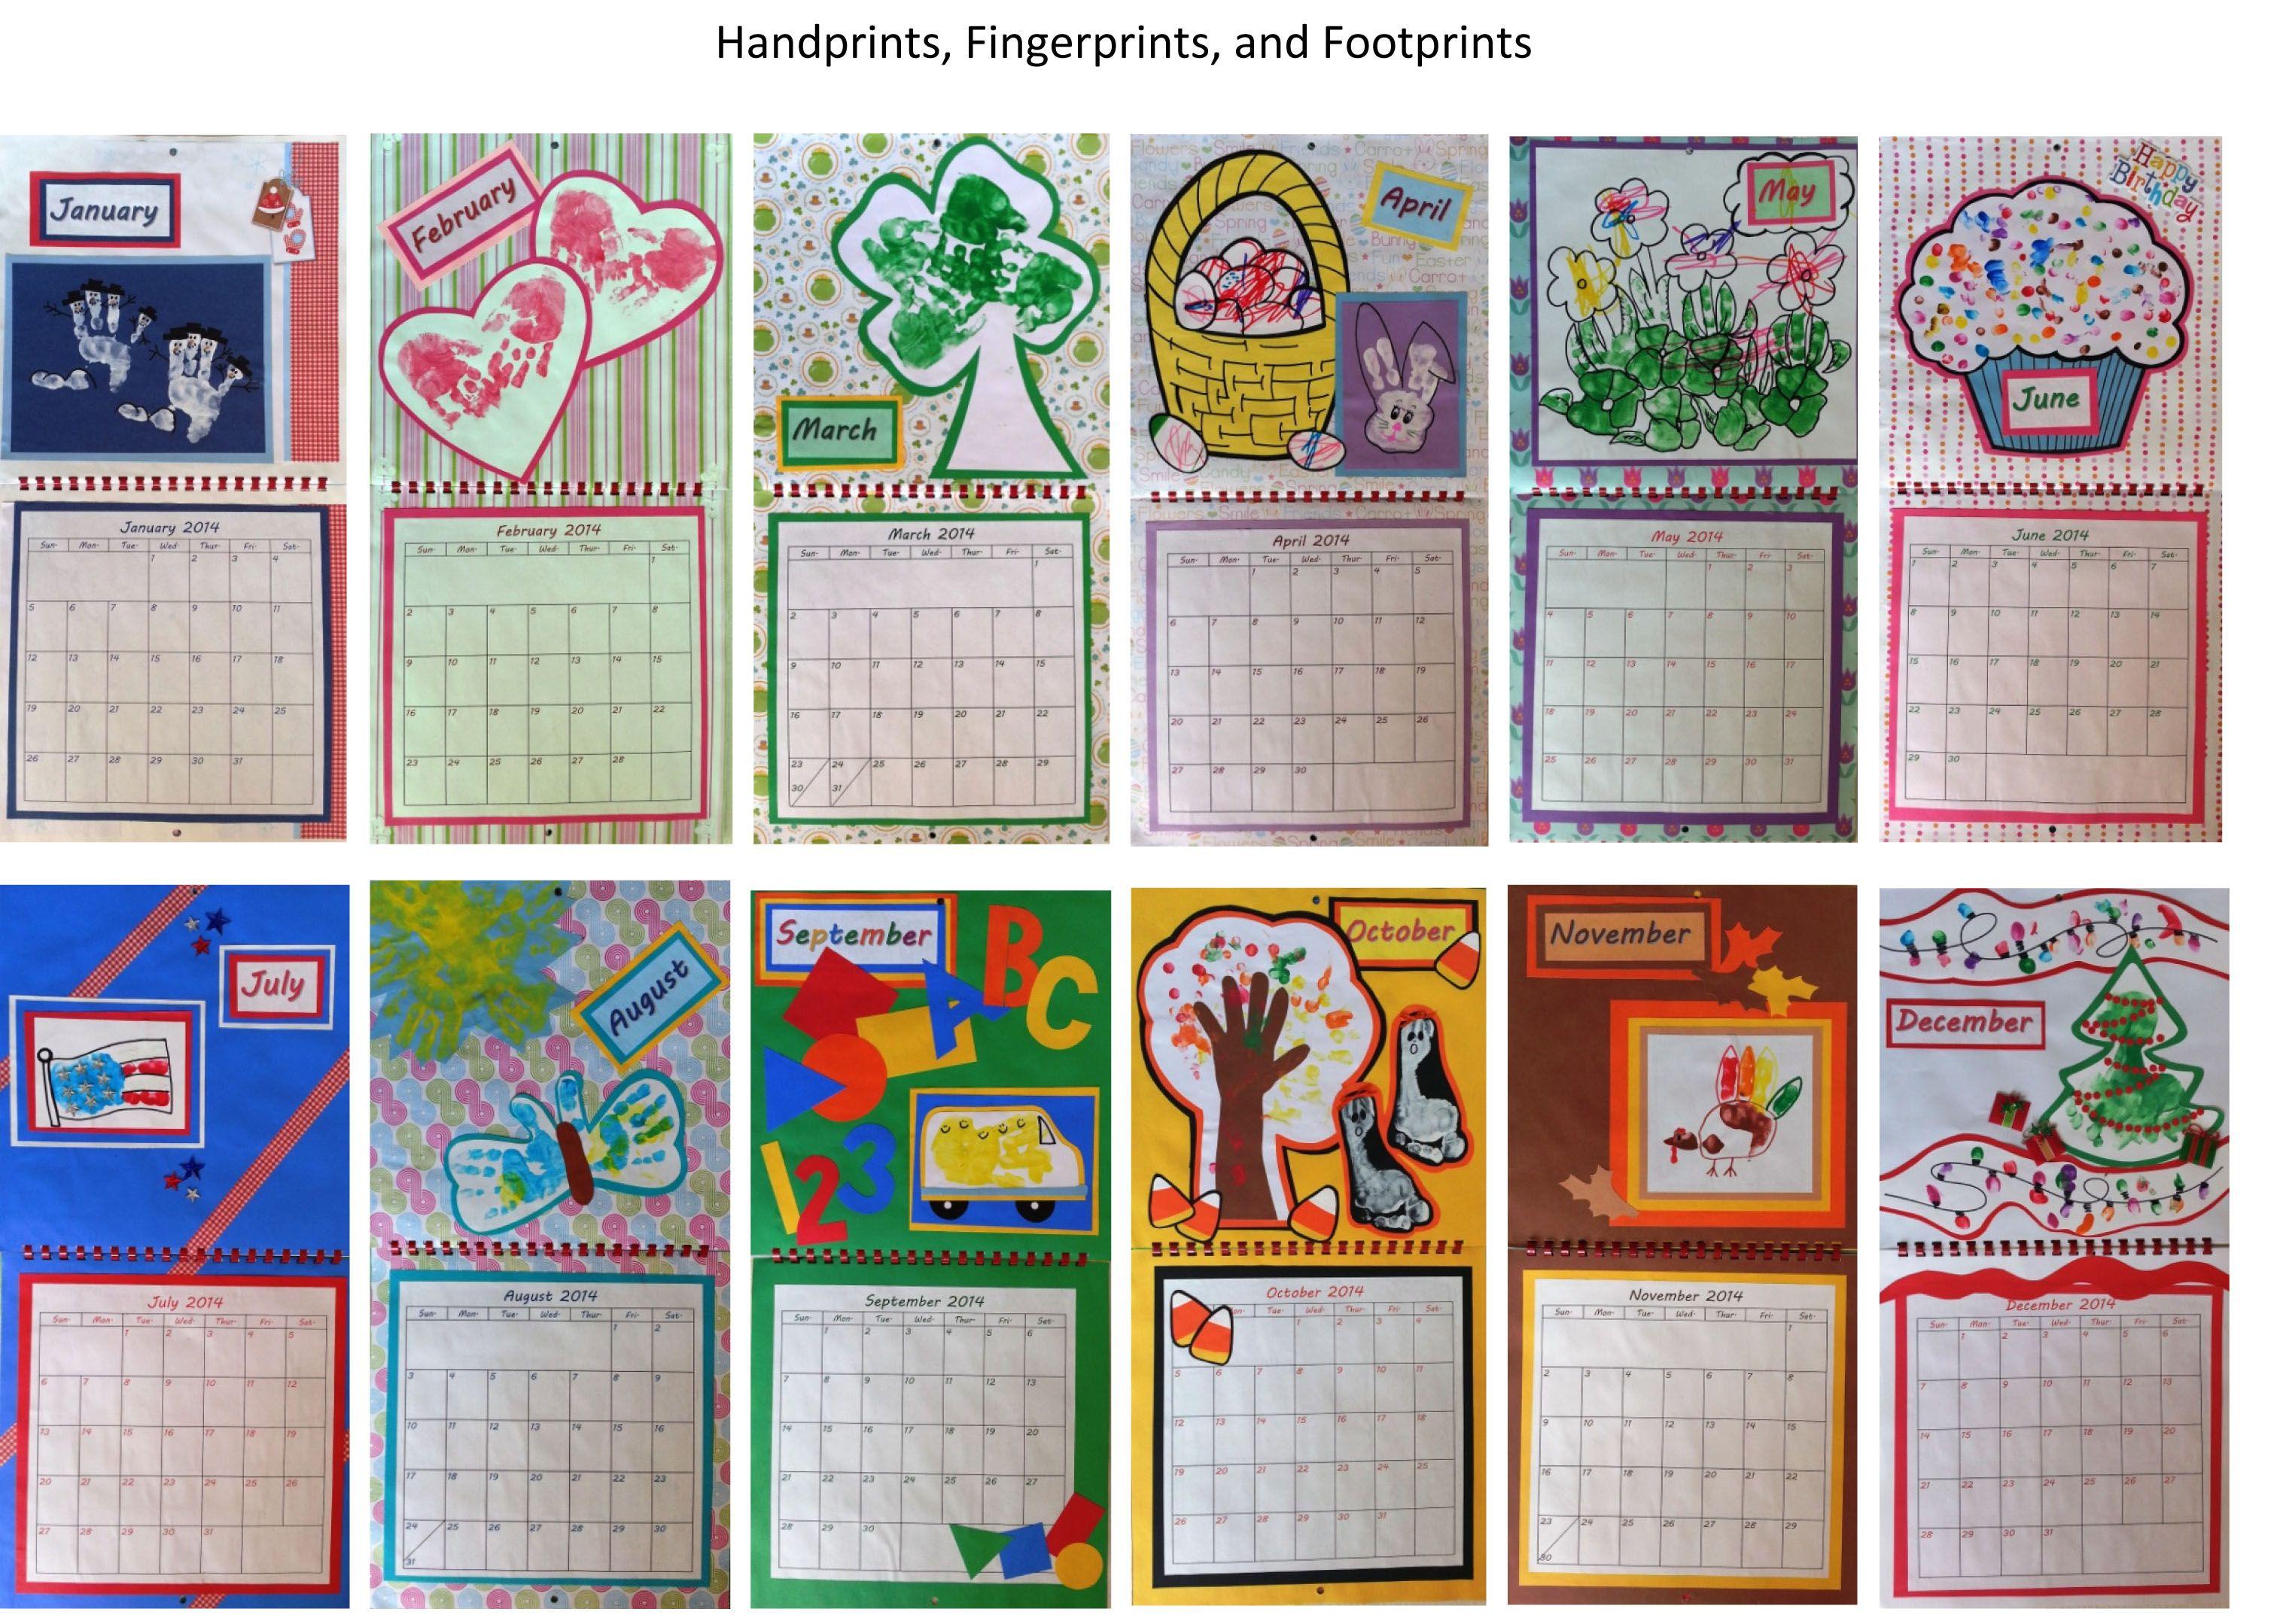 Calendar Made By Kids : Calendar made from hand print foot and fingerprint